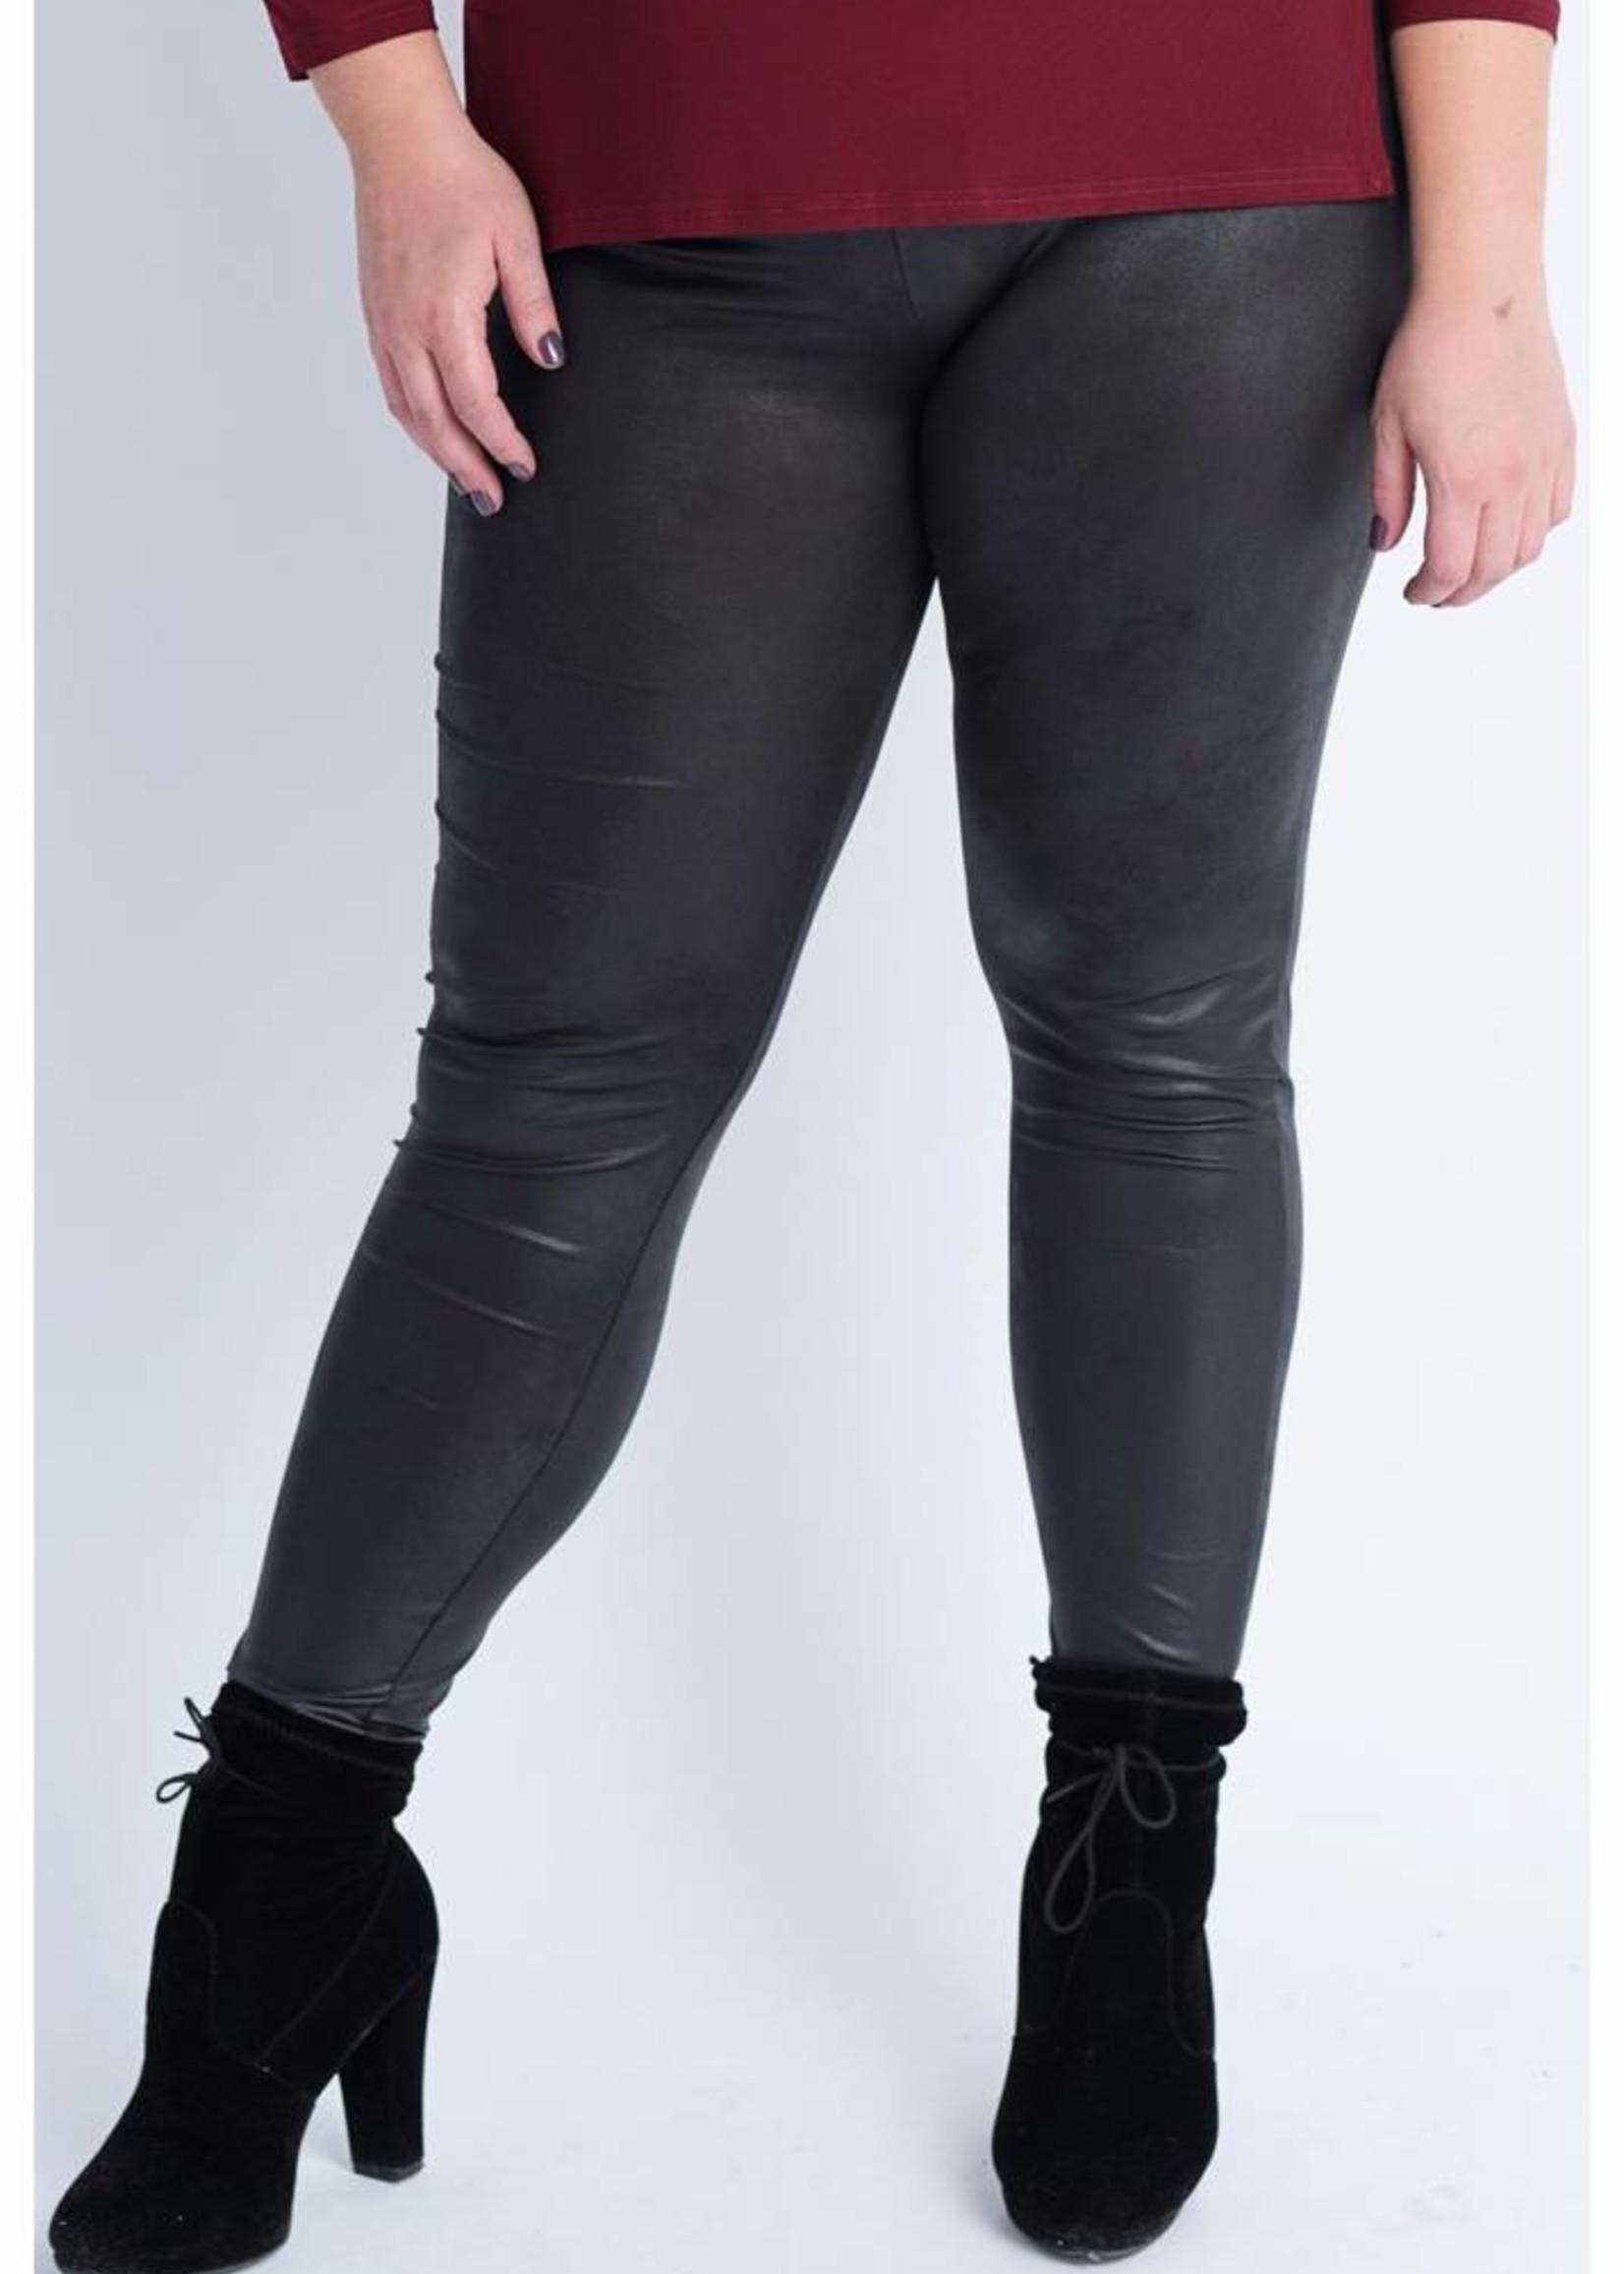 Magna Fashion Legging F23 LEATHER LOOK